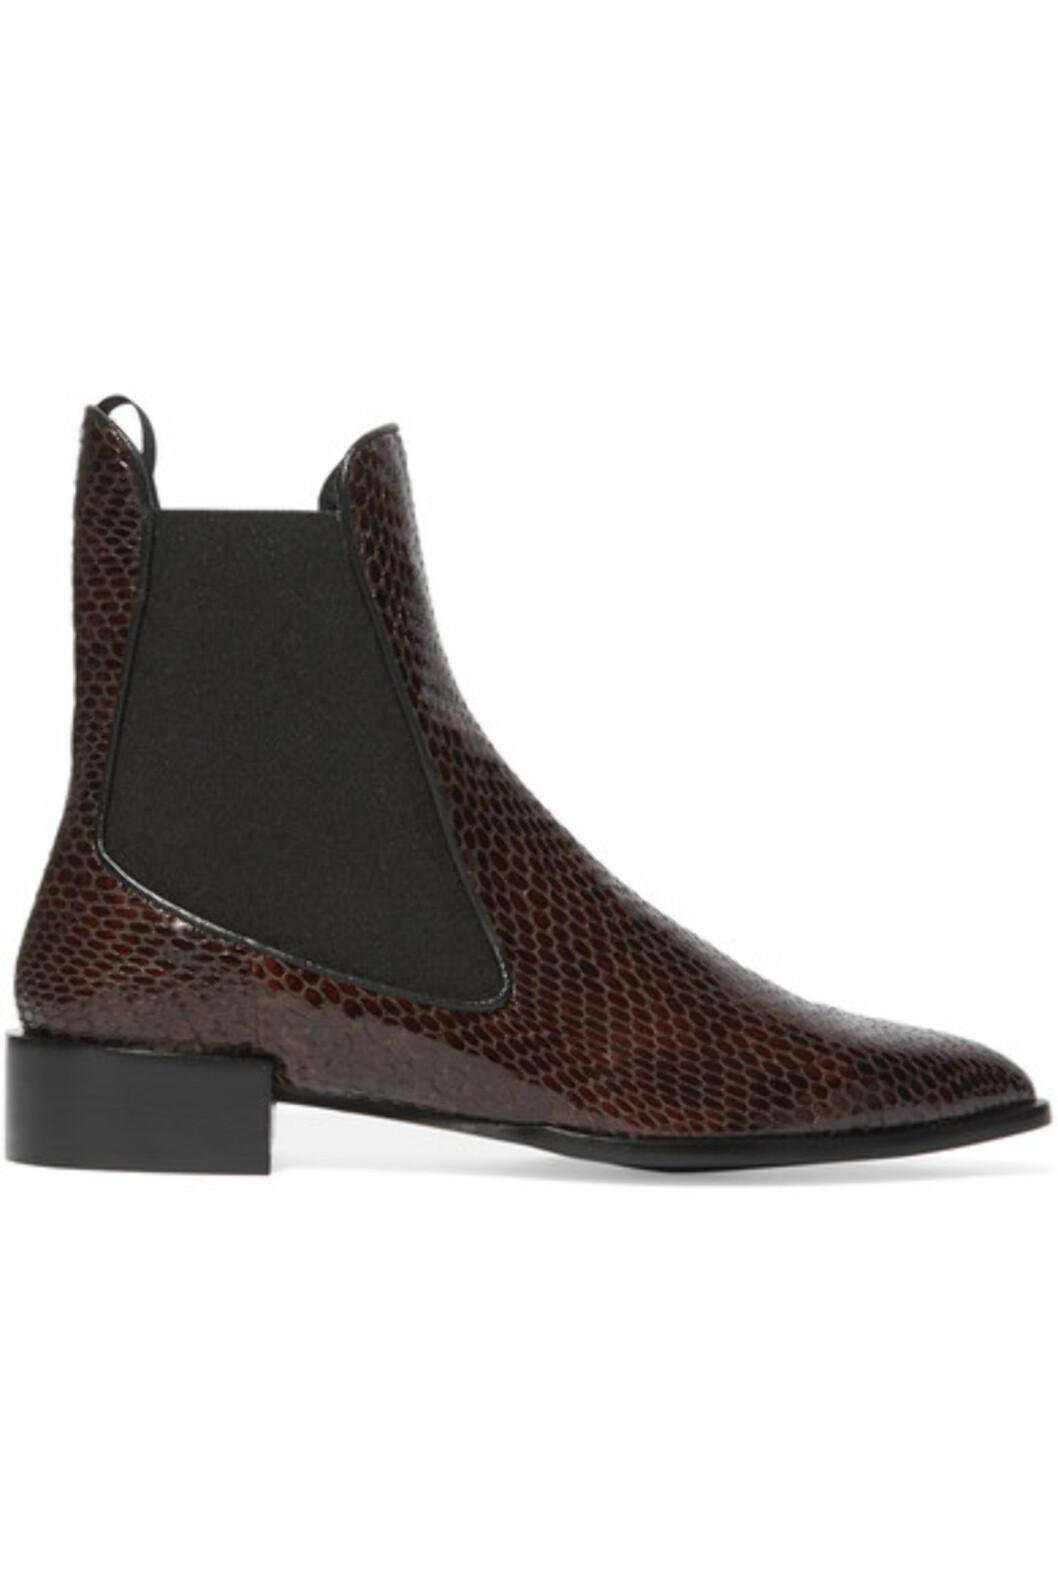 Boots fra Topshop Unique via Net-a-porter.com | kr 2335 | https://www.net-a-porter.com/no/en/product/714918/topshop_unique/belvoir-snake-effect-leather-ankle-boots